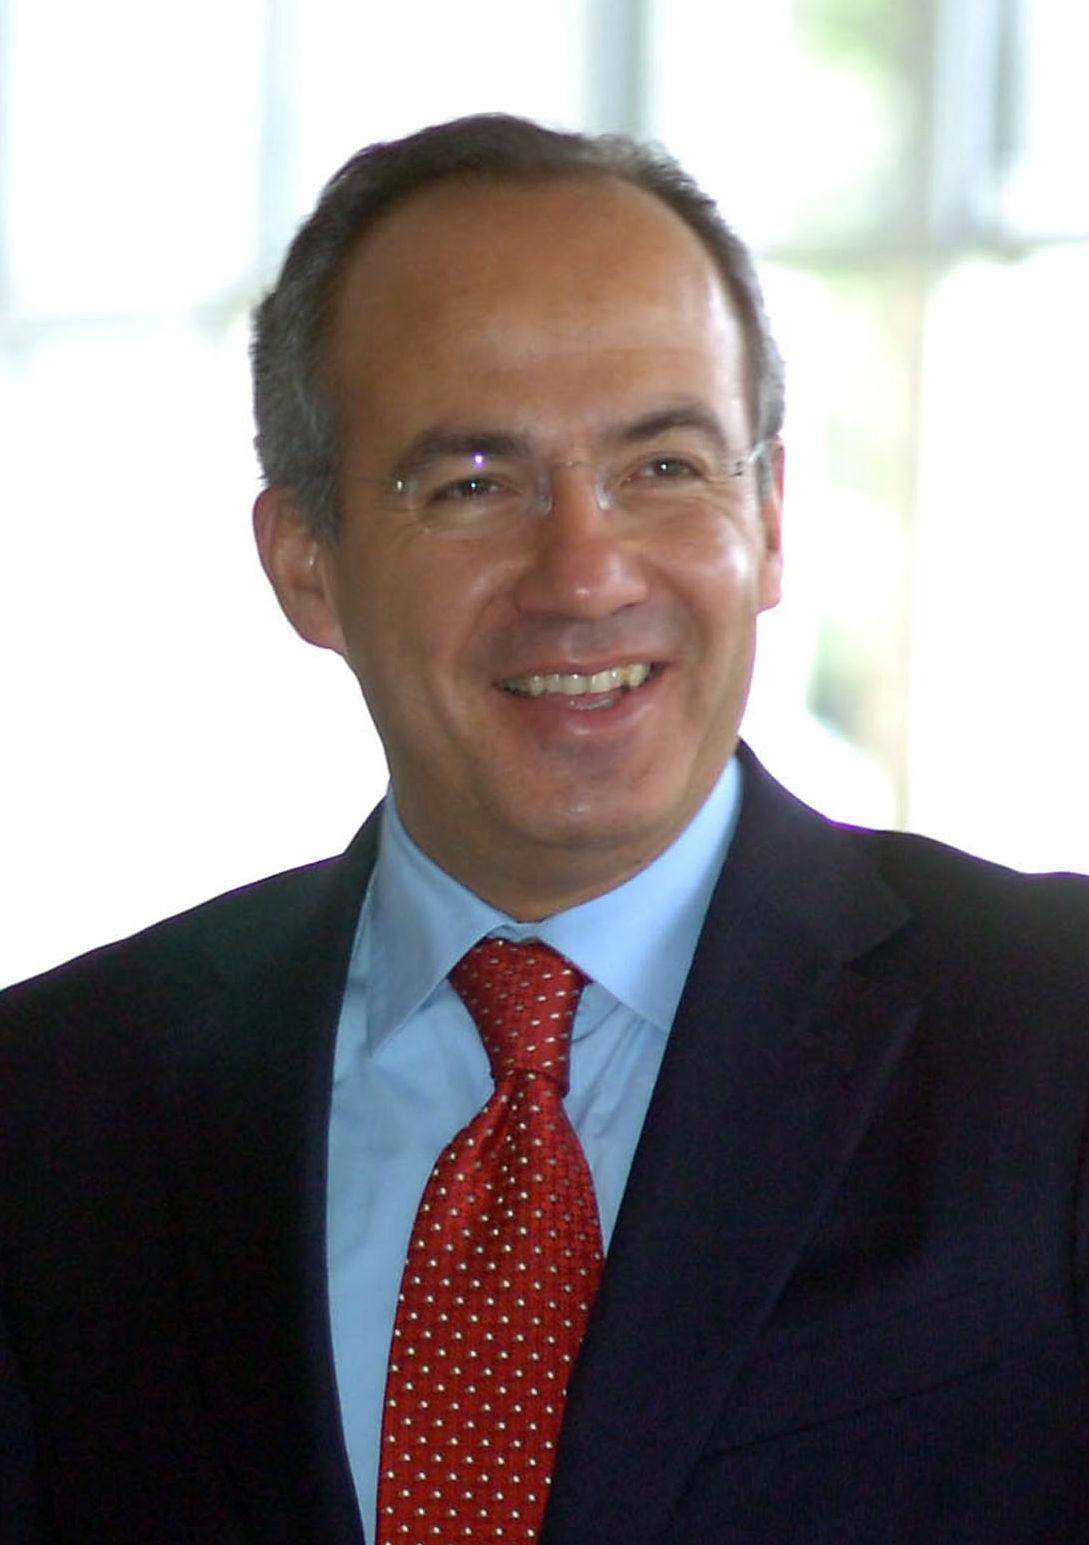 Photo of Felipe Calderón: 56th President of Mexico